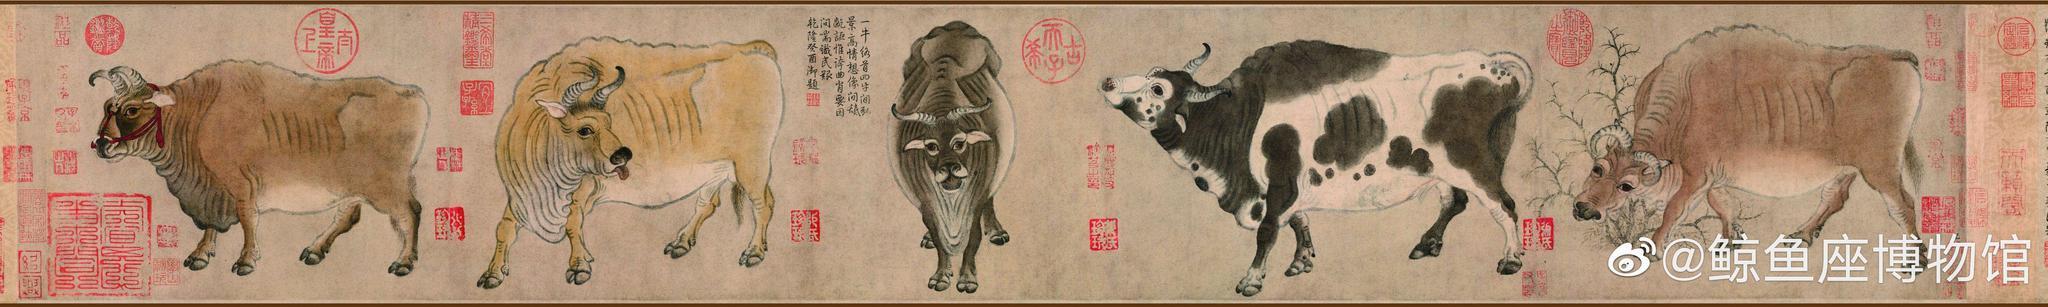 唐 | 韩滉 | 五牛图全卷 | 纸本 | 20.8x139.8 | 十大传世名画